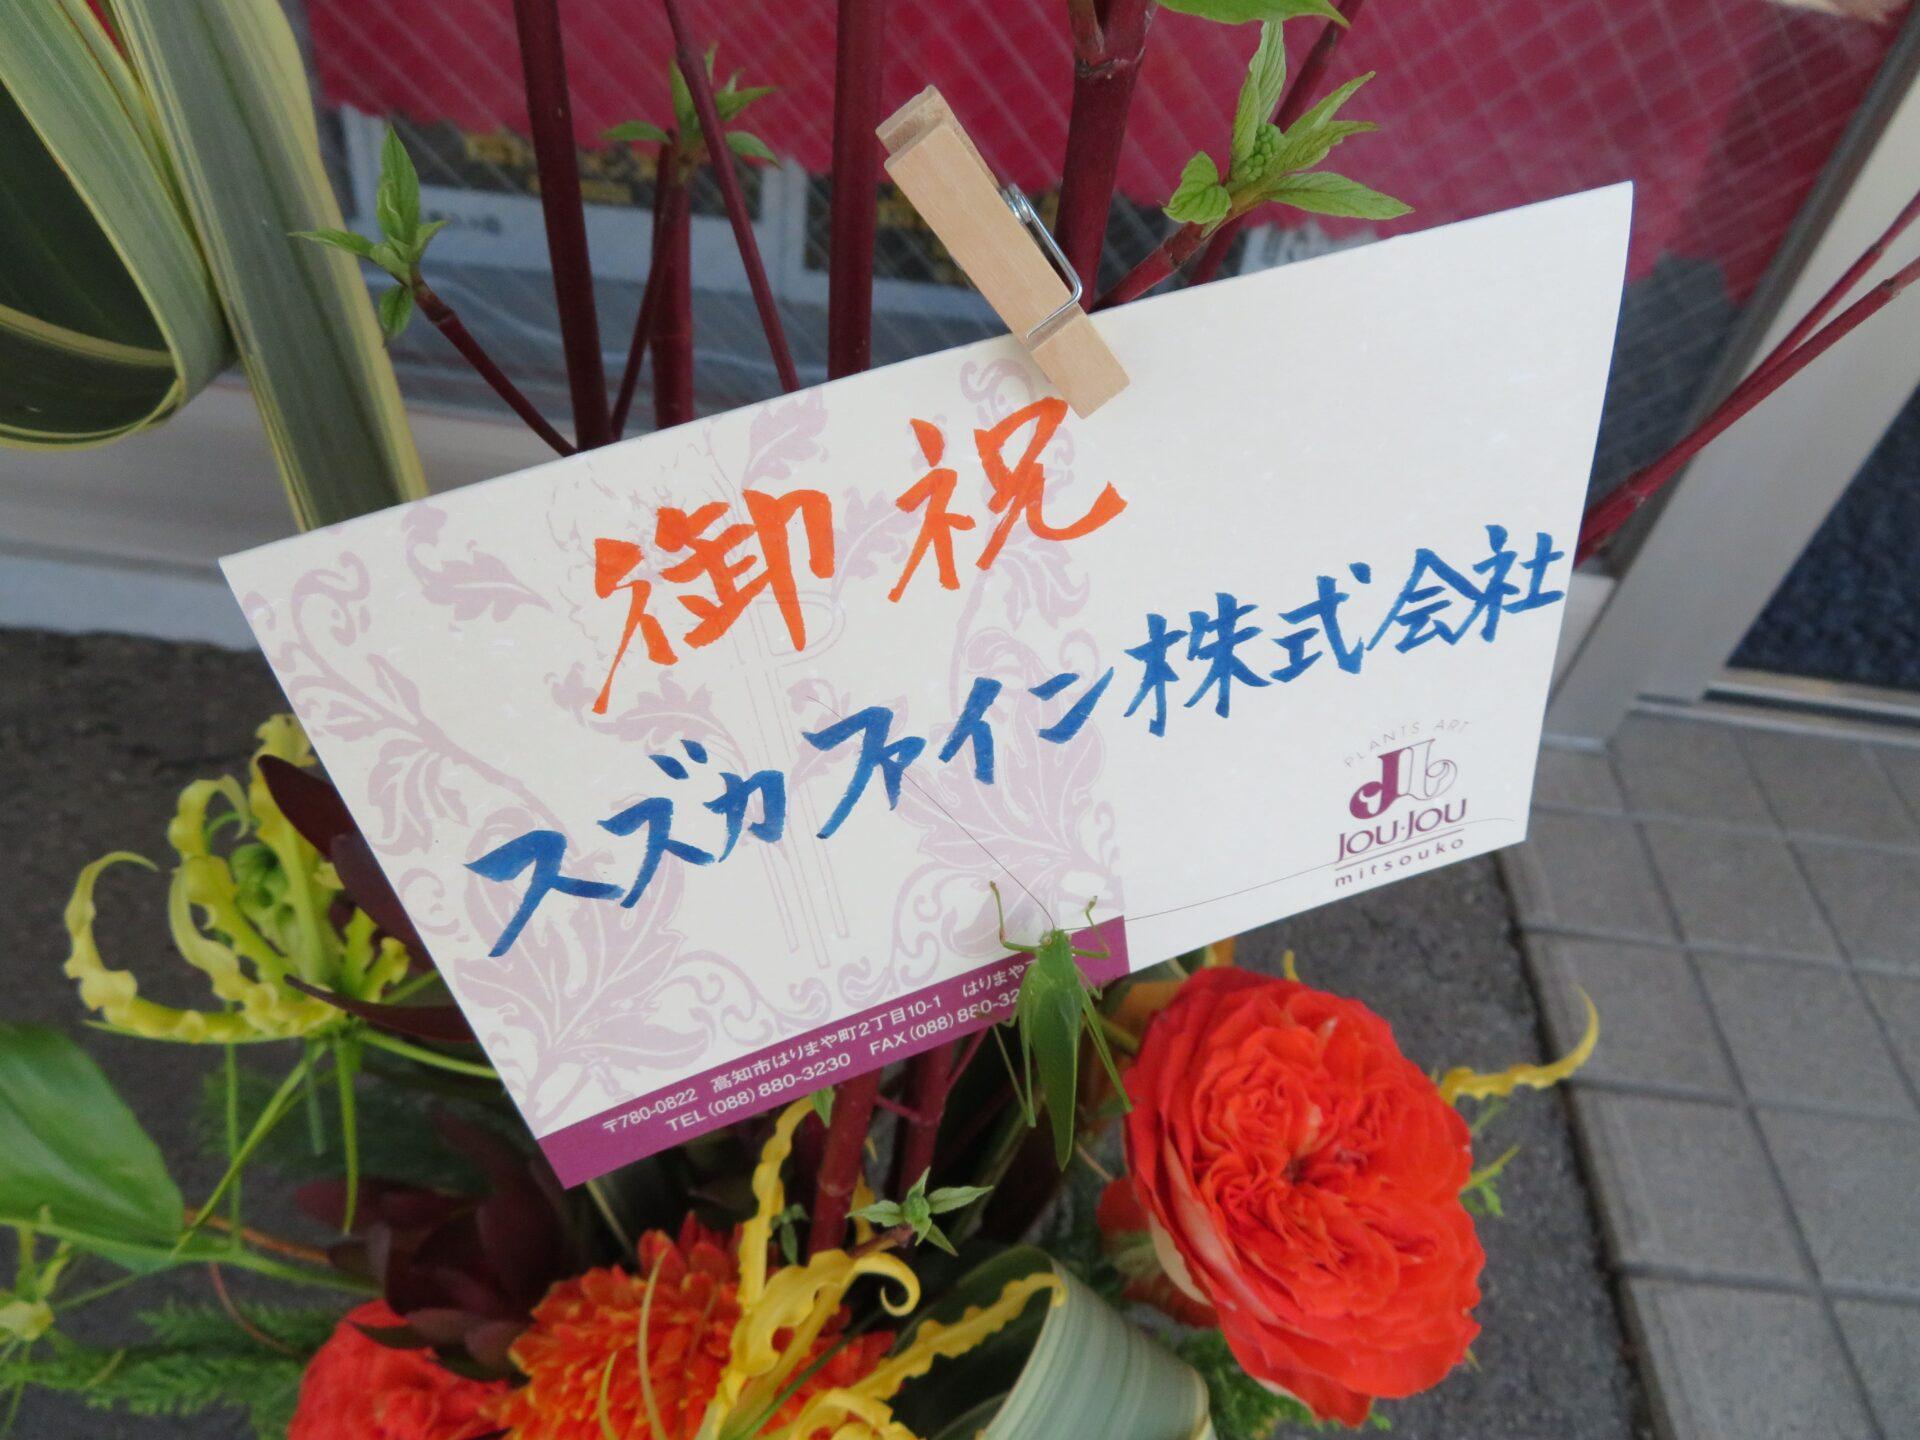 4周年イベントキタペン祭